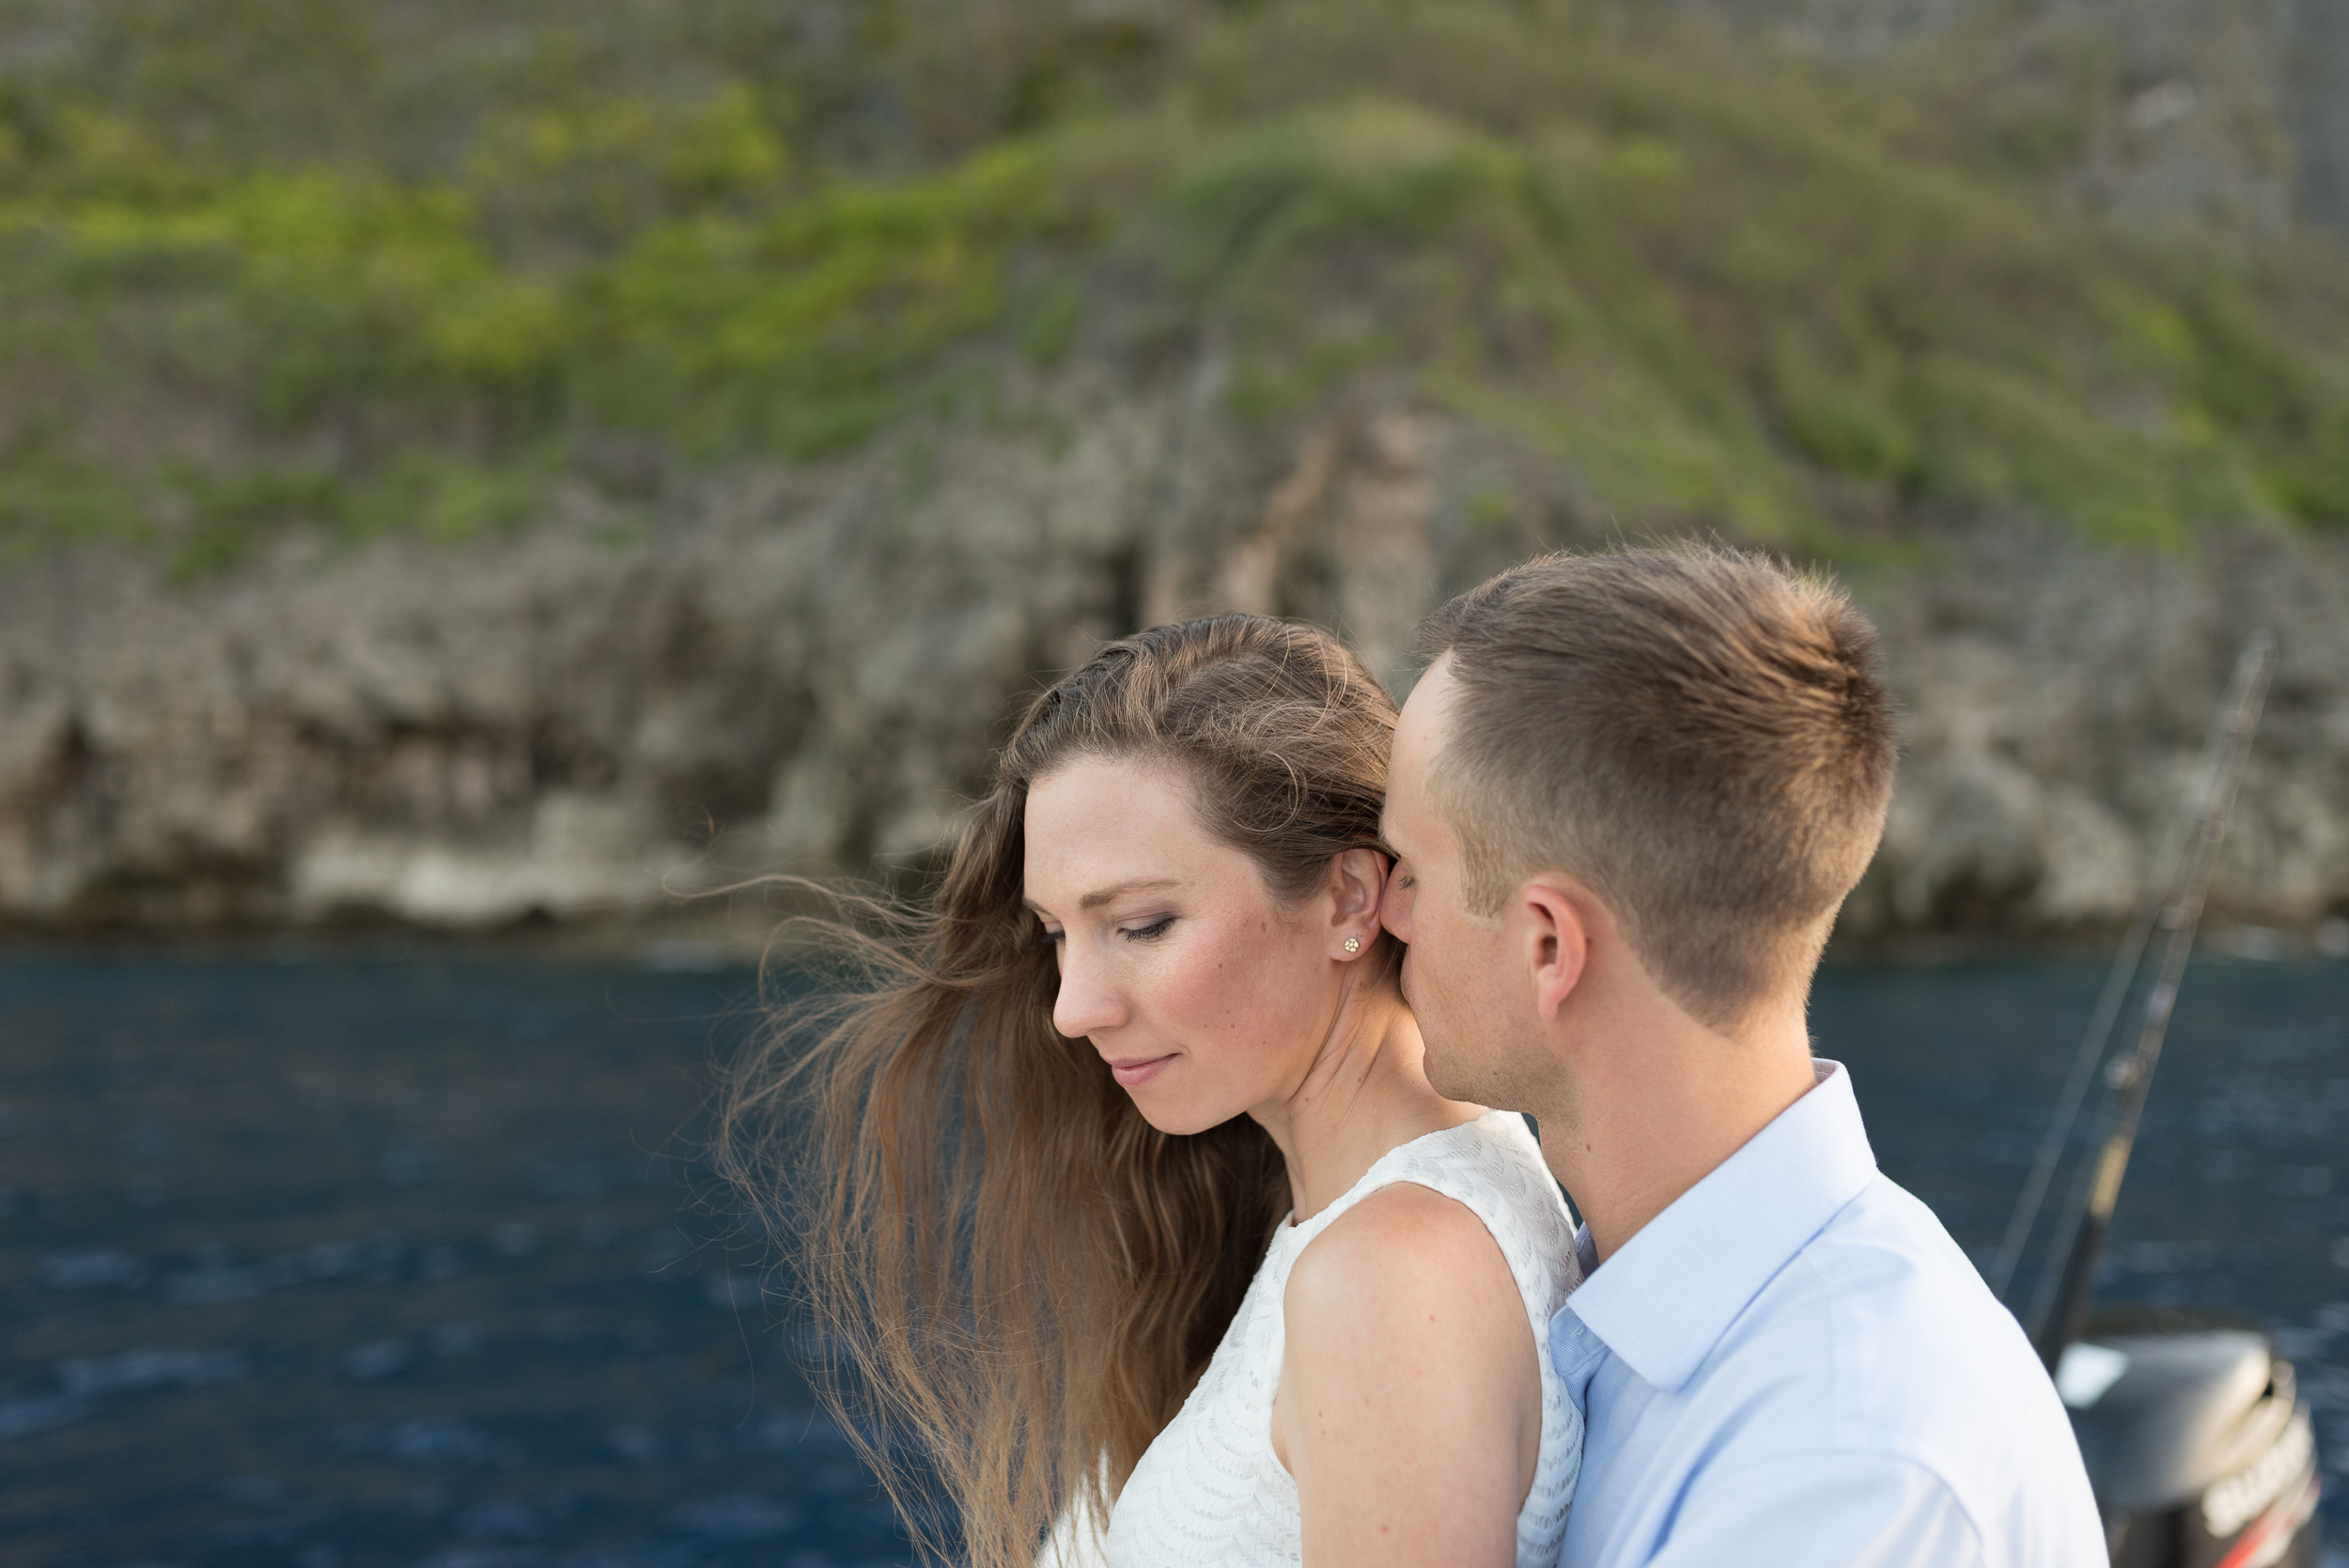 EngagementGuamPhotography-ROXANNEAUGUSTA-7.jpg